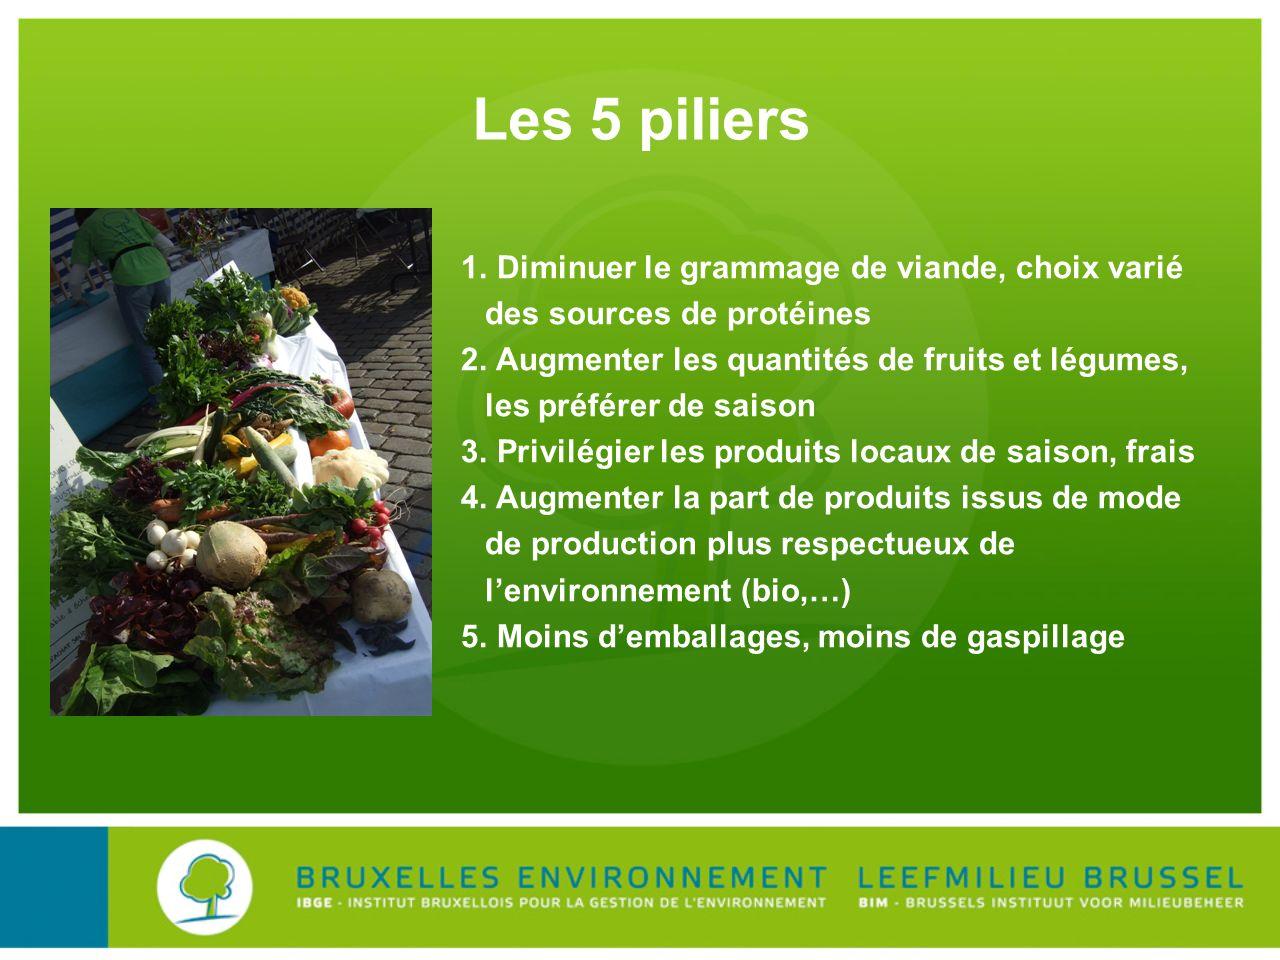 Les 5 piliers 1. Diminuer le grammage de viande, choix varié des sources de protéines 2. Augmenter les quantités de fruits et légumes, les préférer de